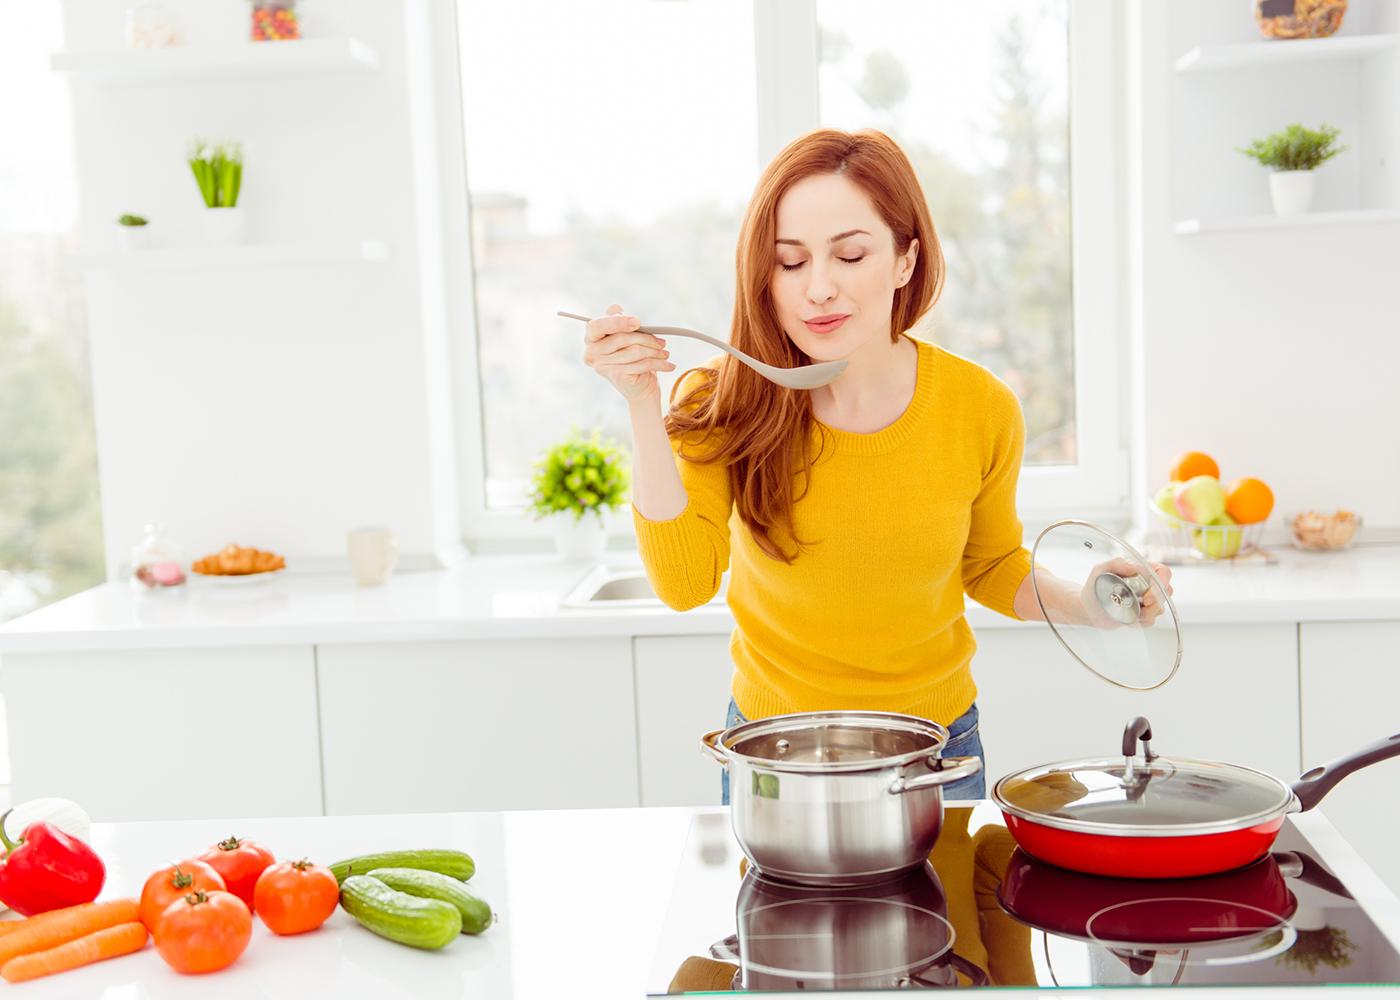 mulher optou por não comprar a bimby e cozinha normal